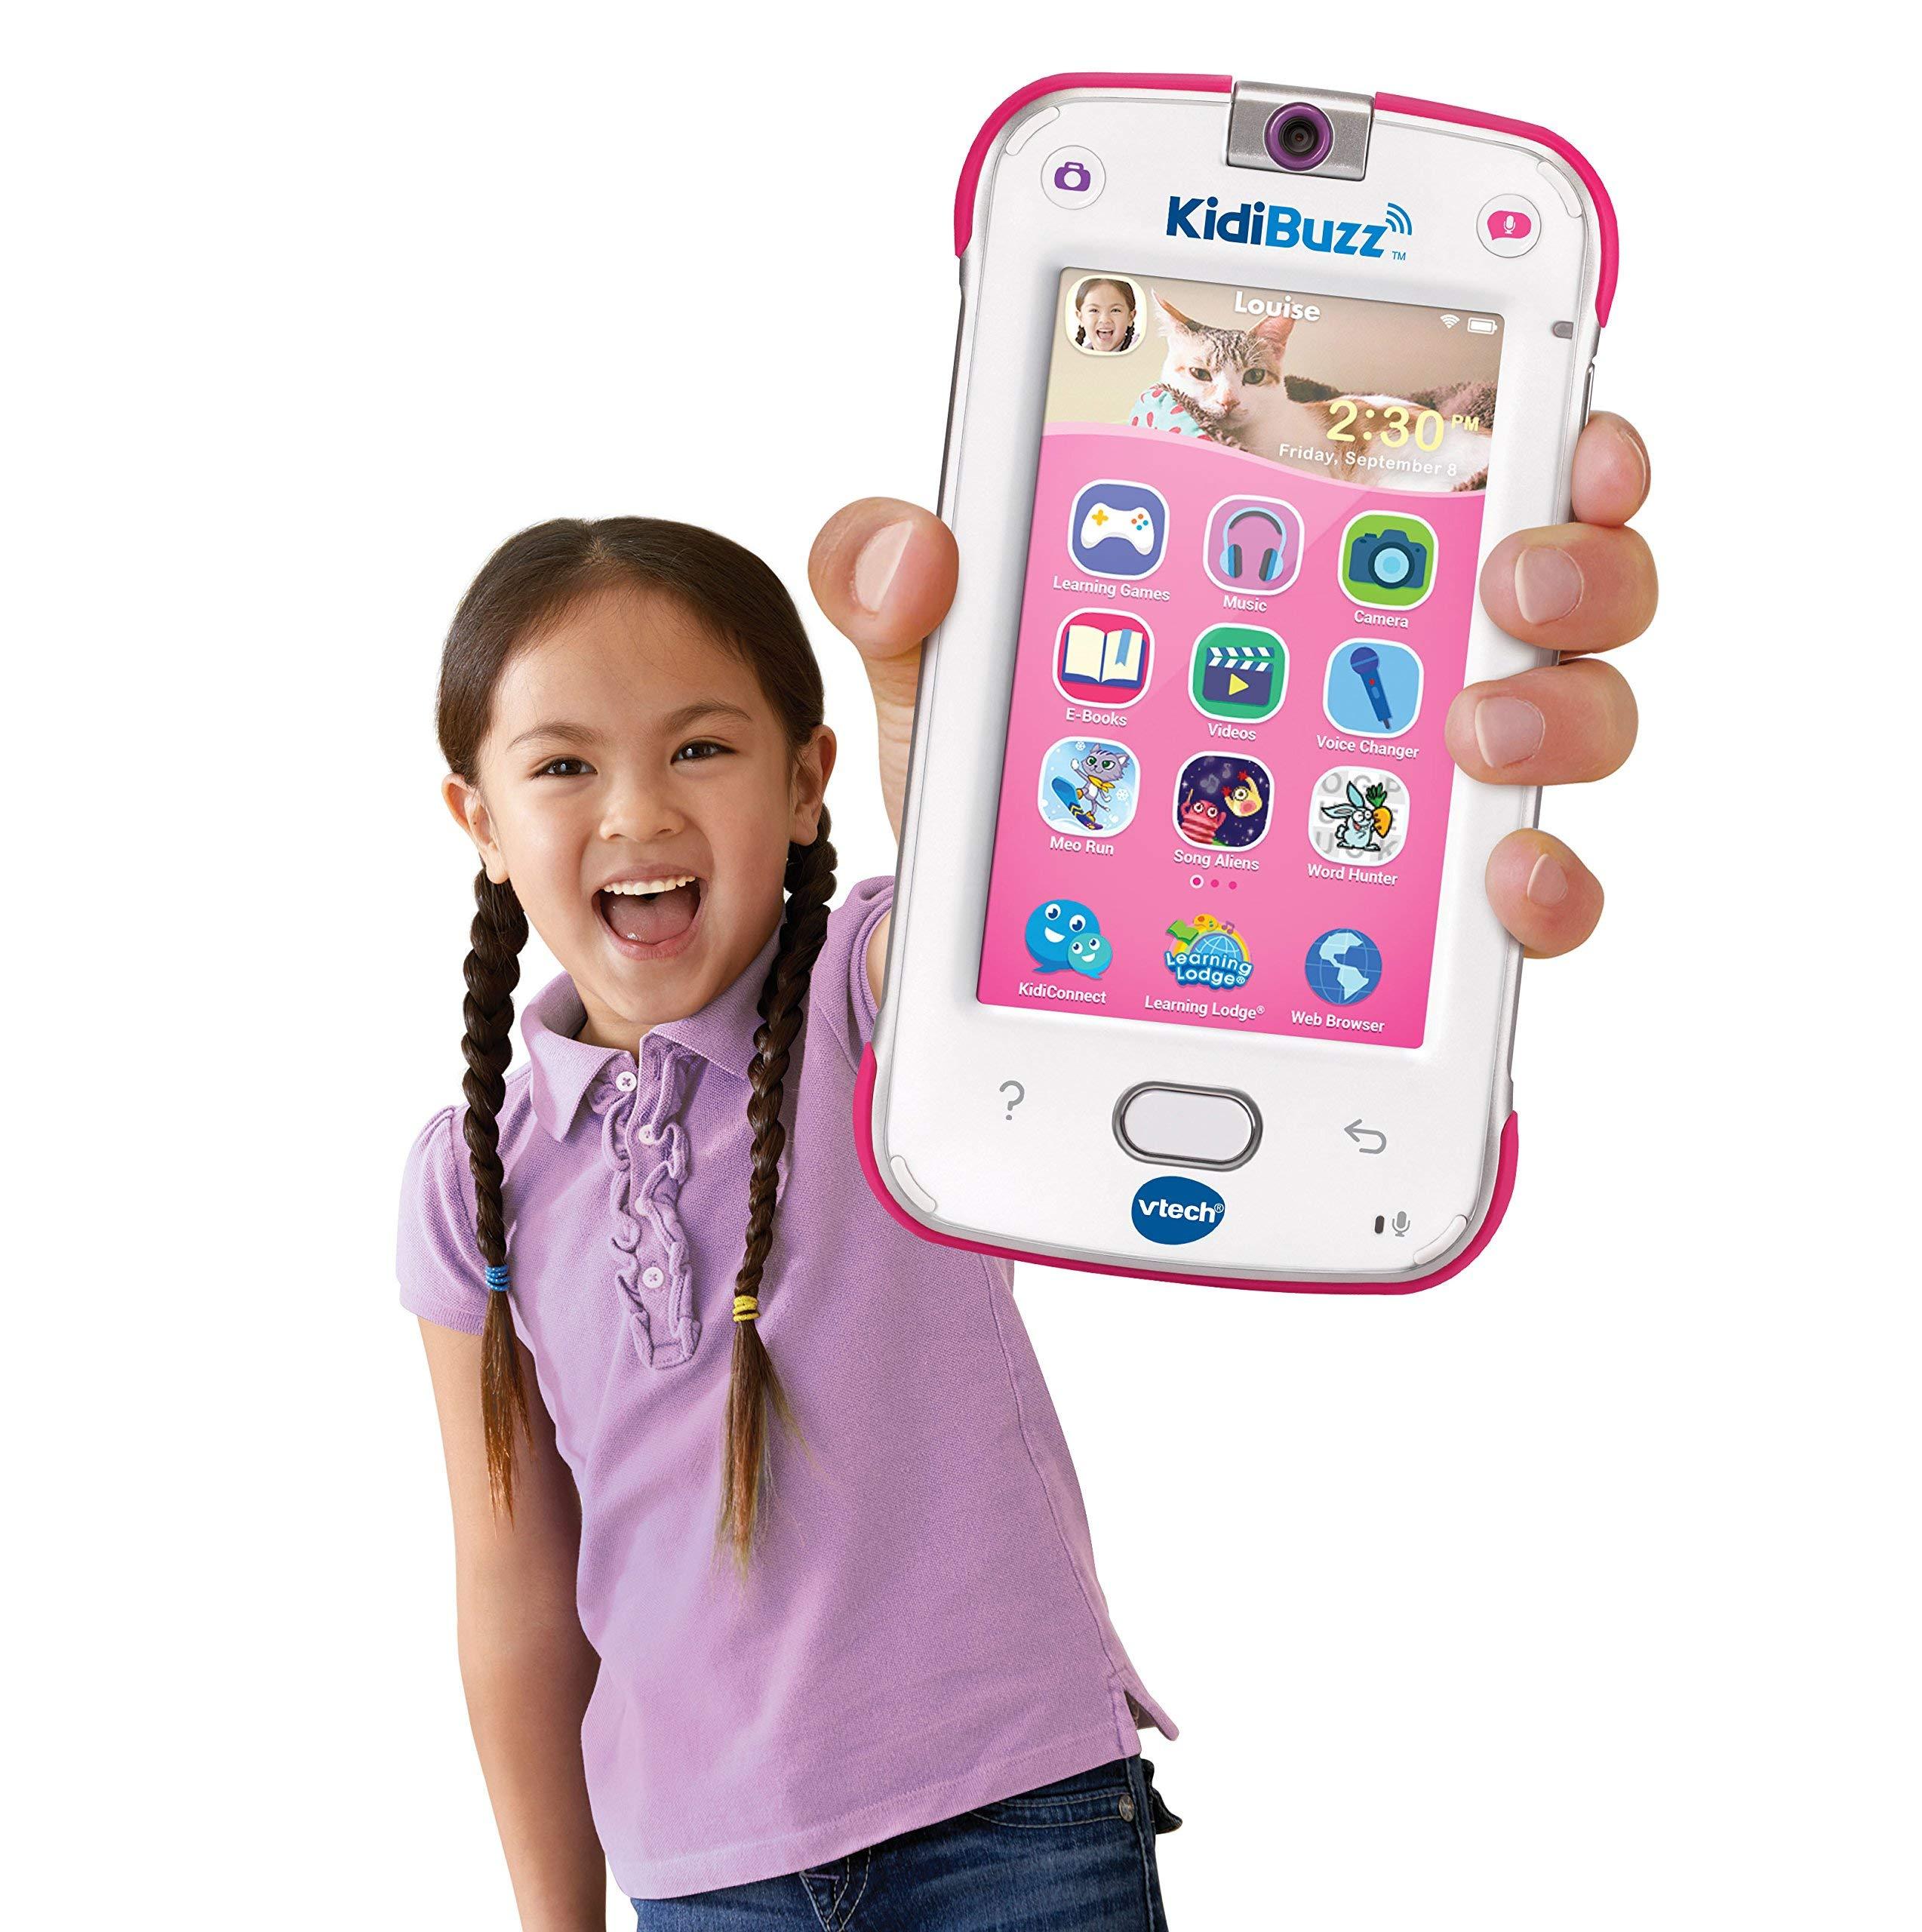 VTech KidiBuzz, Pink (Renewed) by VTech (Image #3)